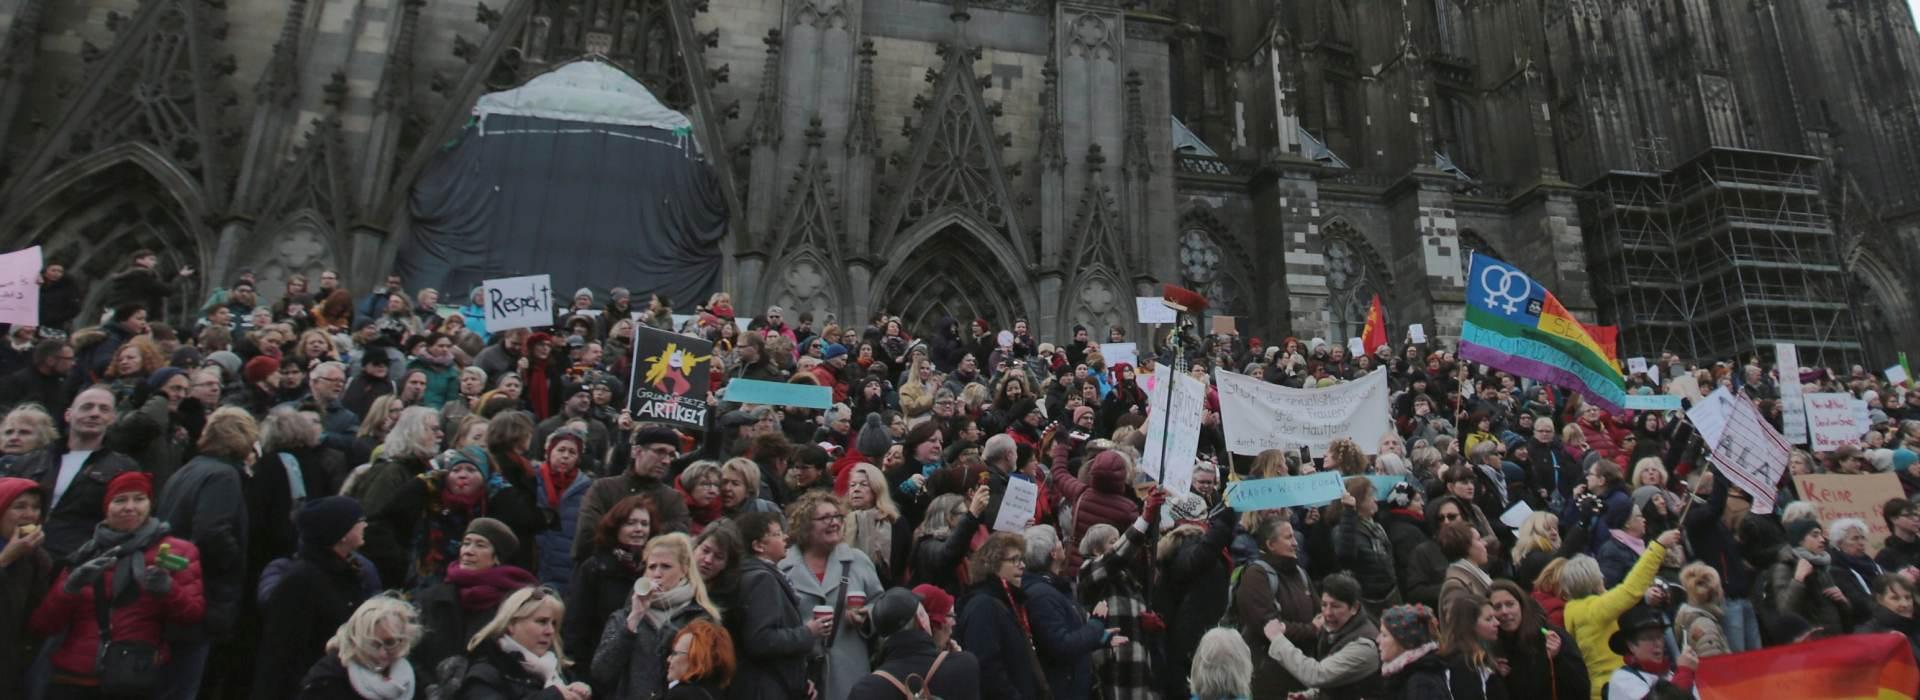 Stotine žena prosvjeduje protiv nasilja u Koelnu